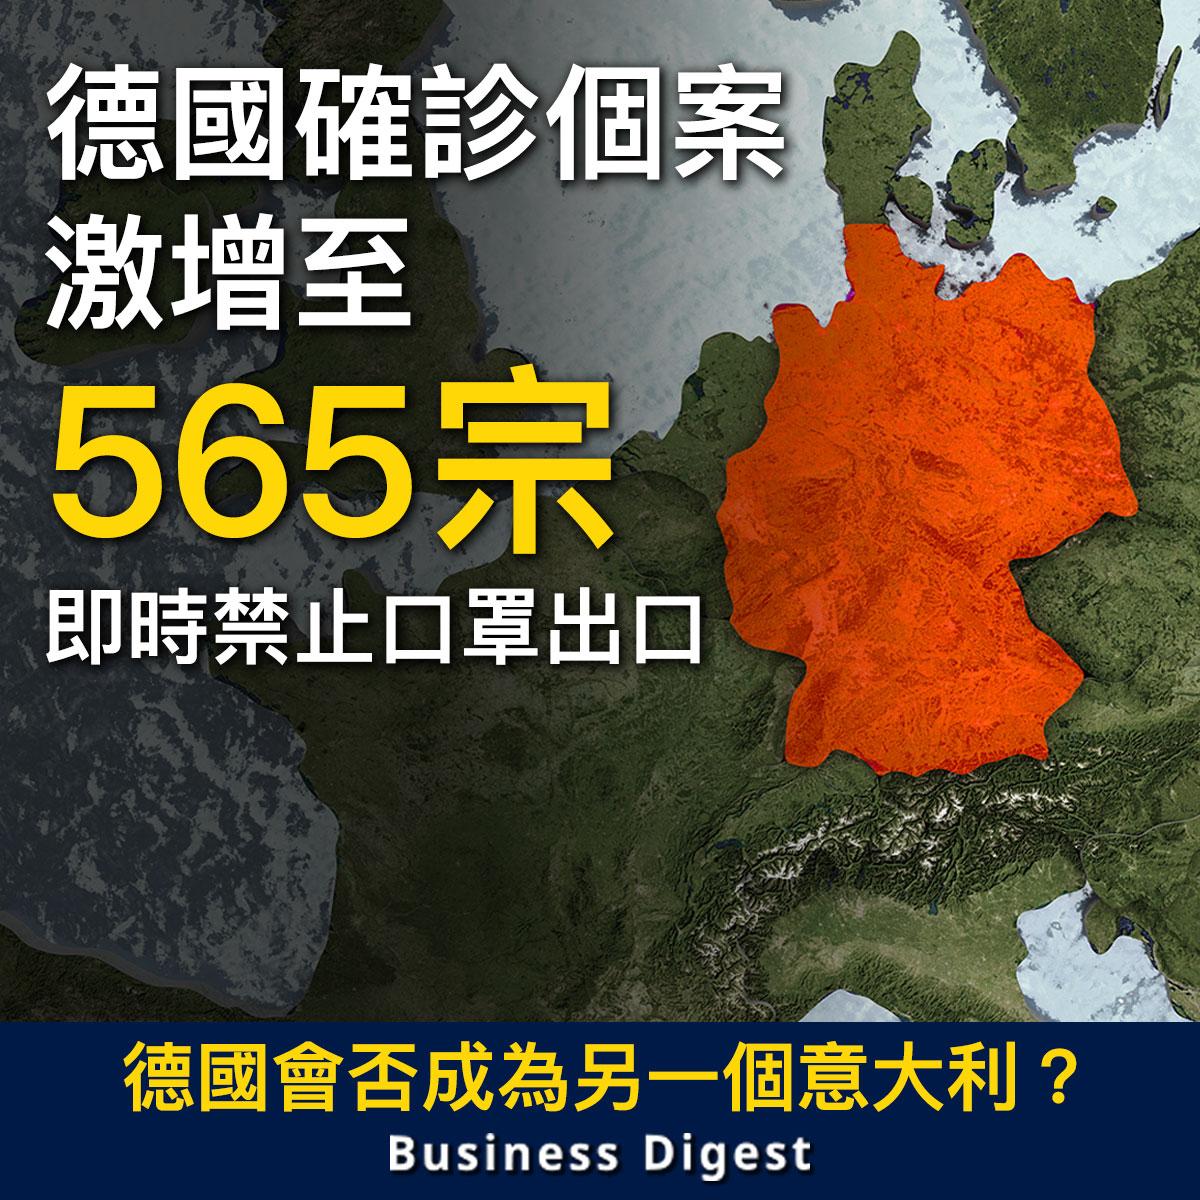 【武漢肺炎】德國確診個案激增至565宗,即時禁止口罩出口